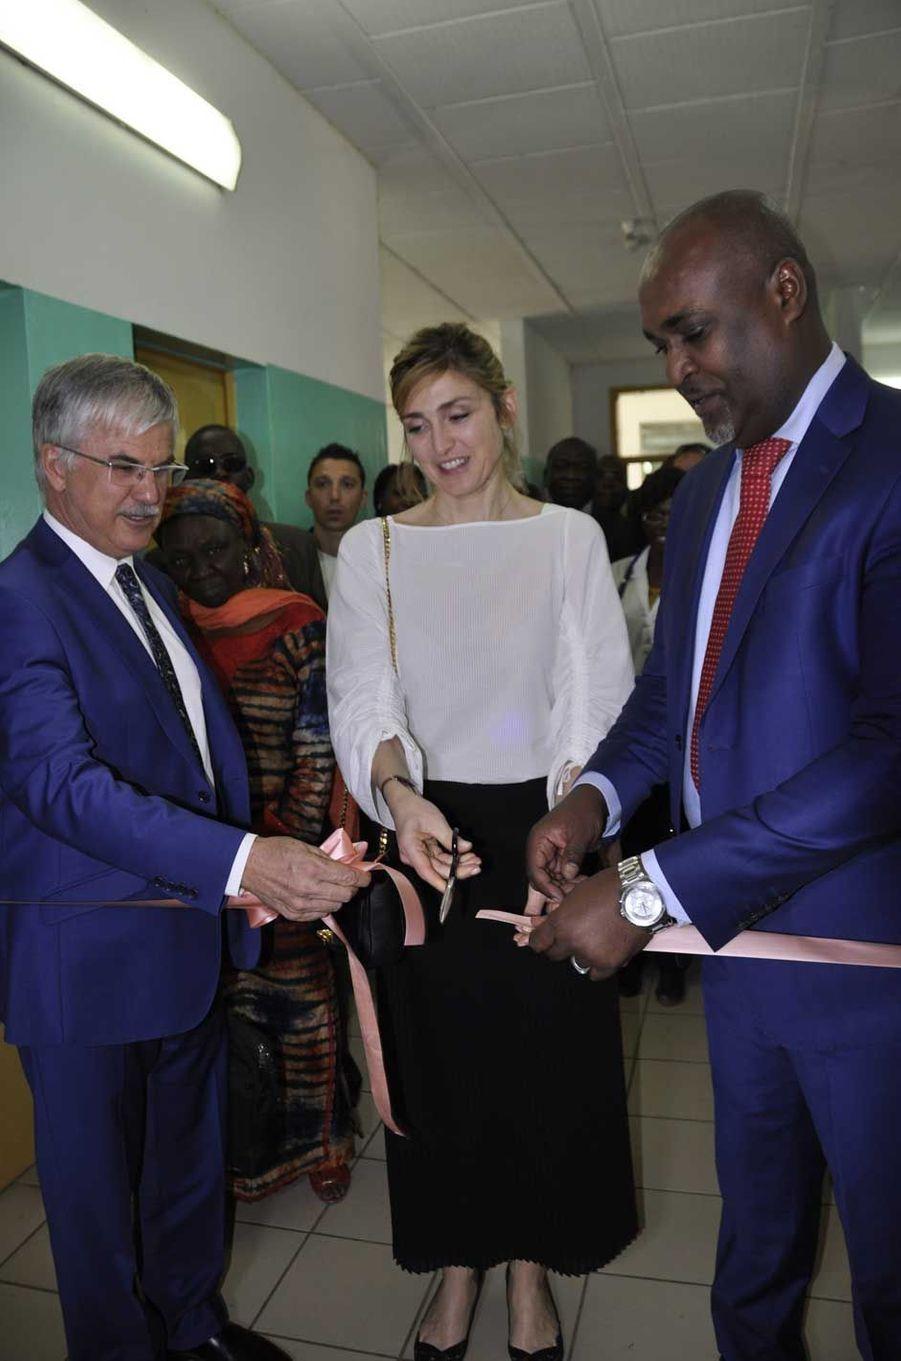 Le 24 janvier, Julie Gayet inaugure symboliquement une salle de soins au BS en présence de Philippe Lacoste, ambassadeur de France au Tchad, et du ministre tchadien de la santé publique, Aziz Mahamat-Saleh Ahmat.